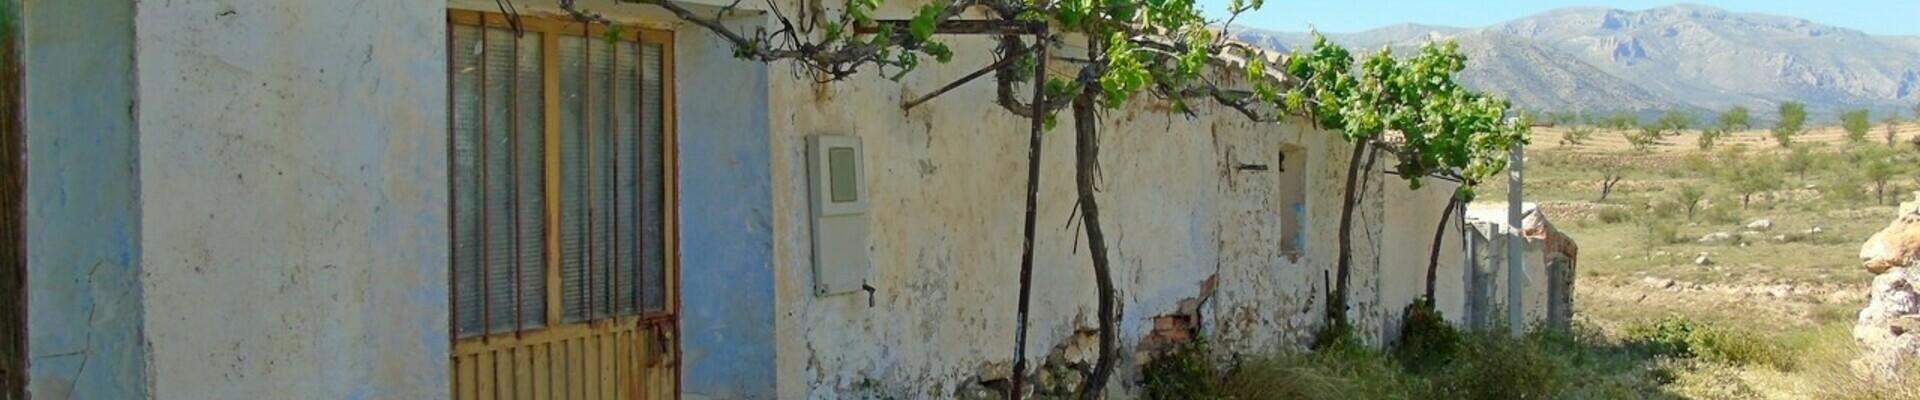 AF563: 3 Bedroom Cortijo for Sale